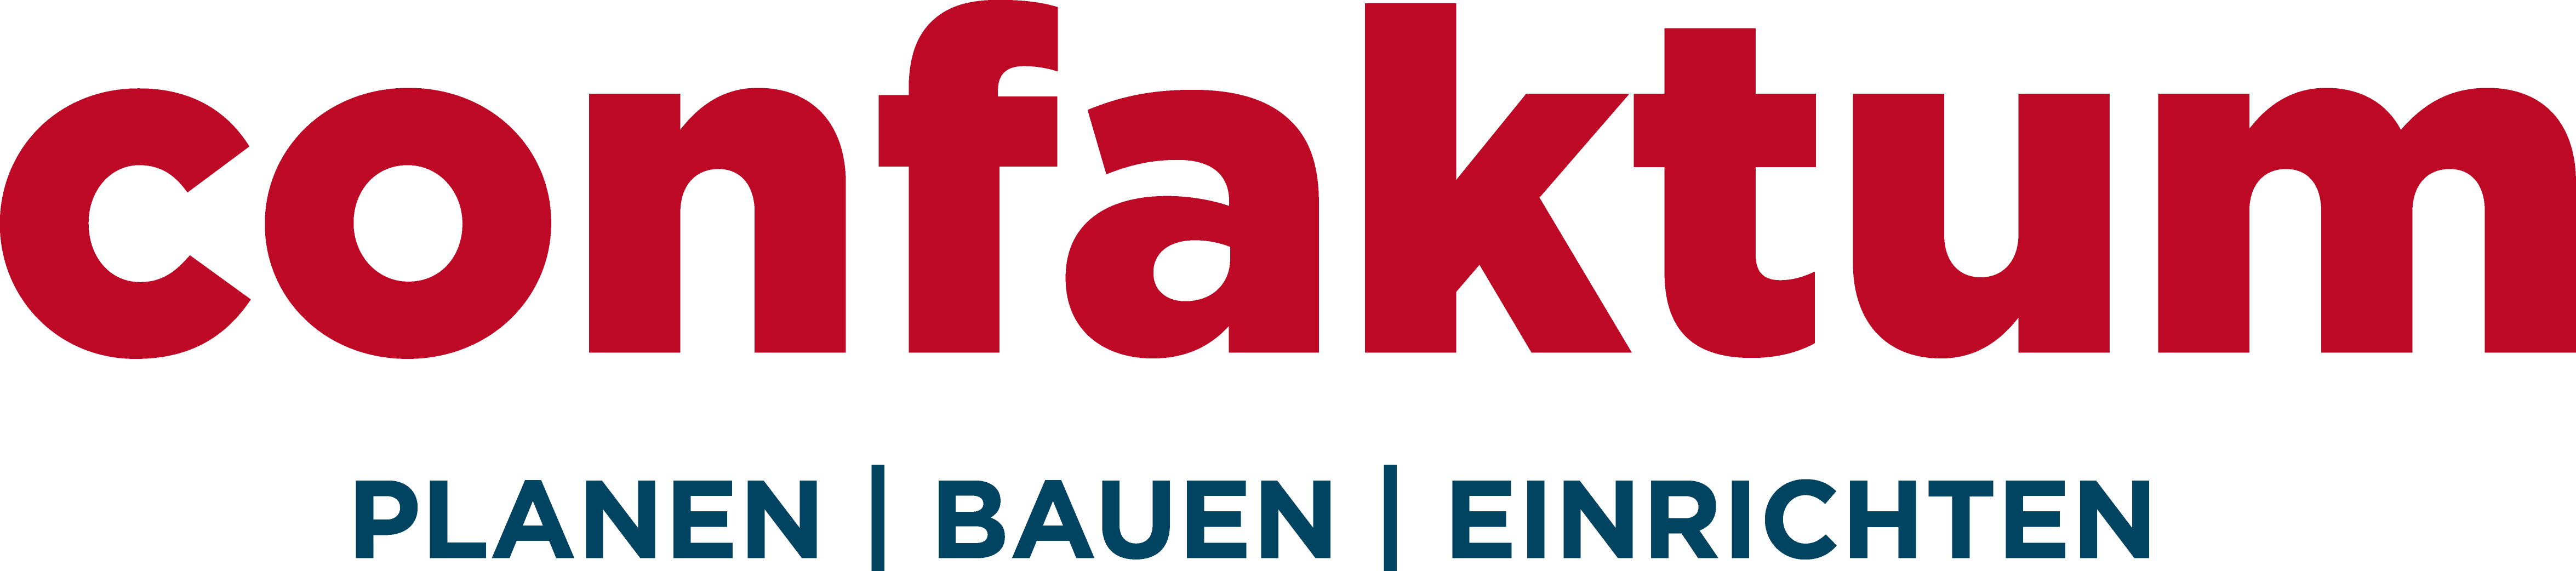 Confaktum - Ihre Tischlerei für Innenausbau in Berlin und Ketzür